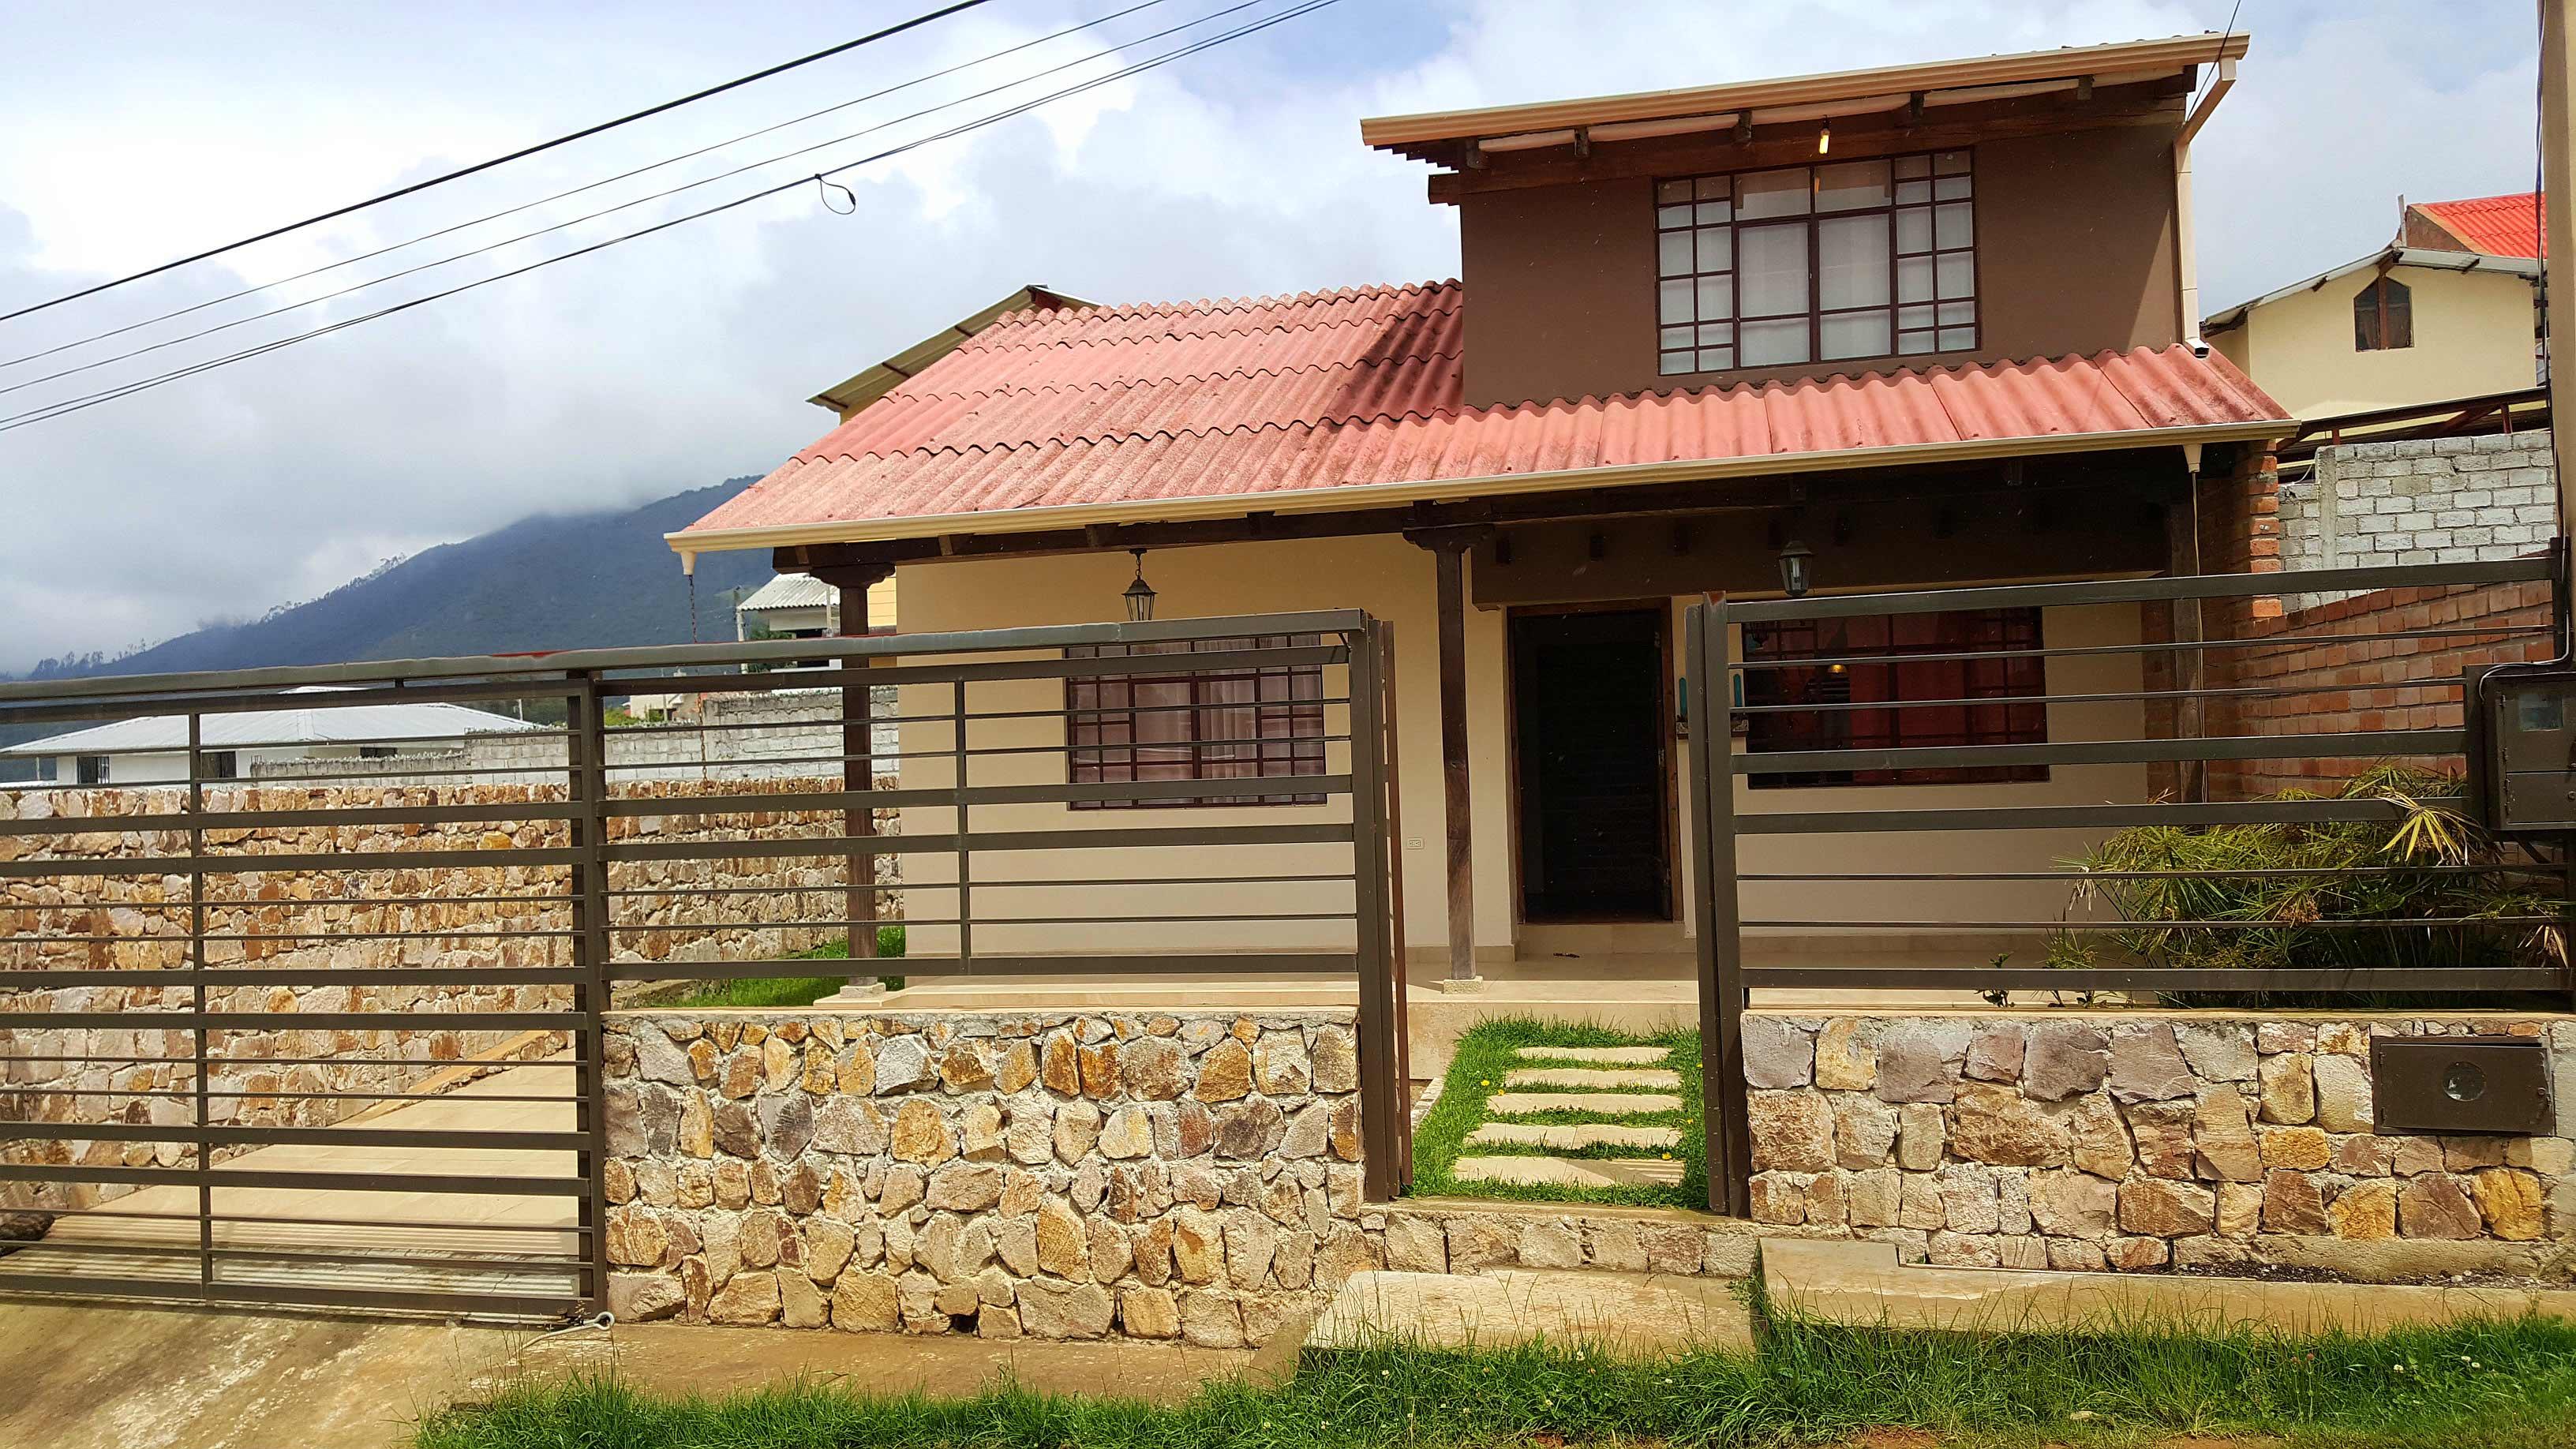 Fachada casas estilo rustico casas cuenca for Fachada de casas modernas estilo oriental